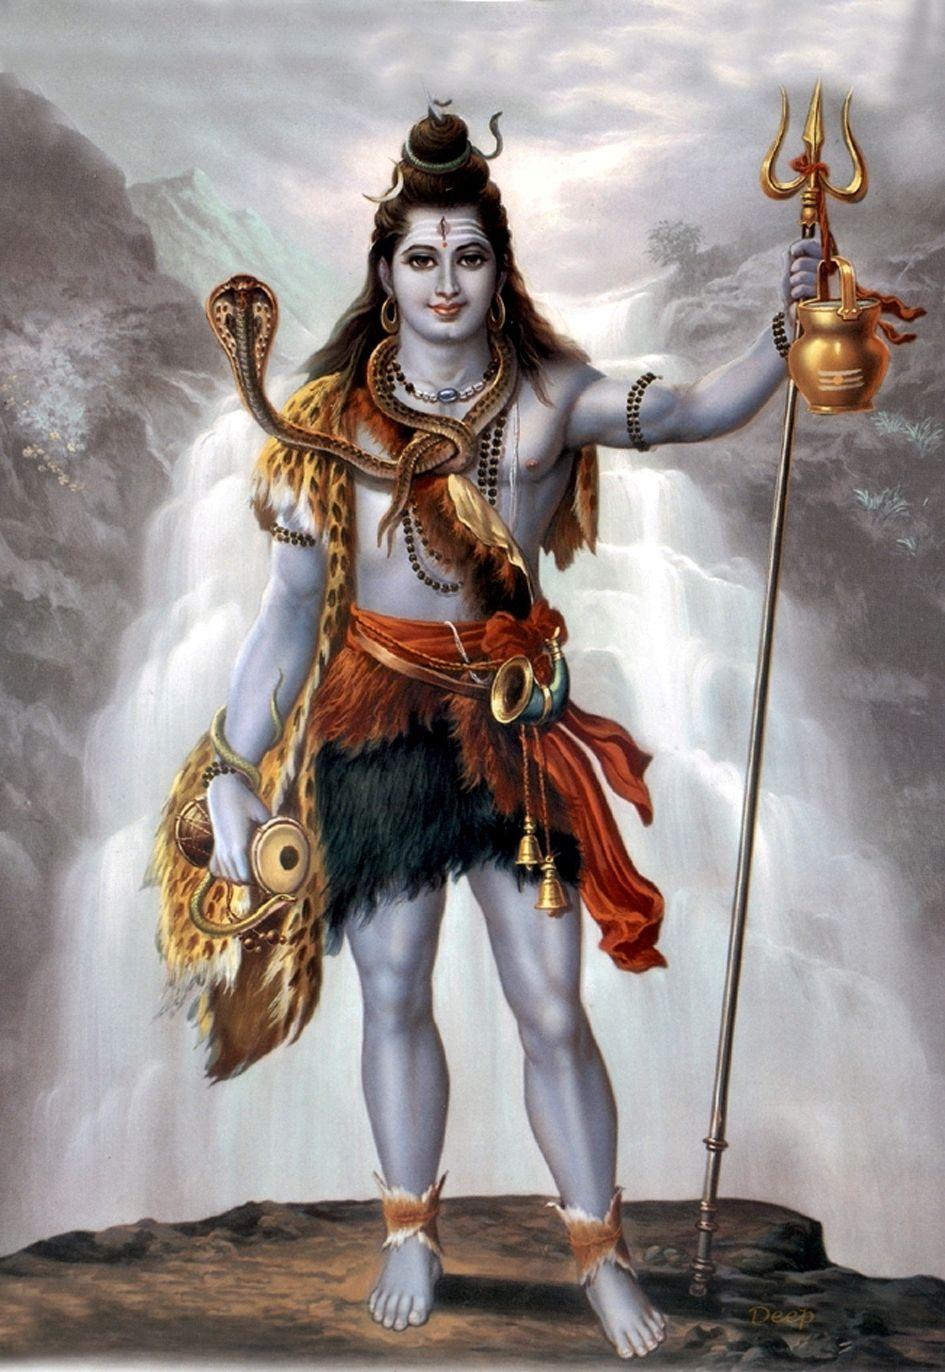 Mahadev Har Jpg 945 1372 Lord Shiva Shiva Hindu Shiva Photos